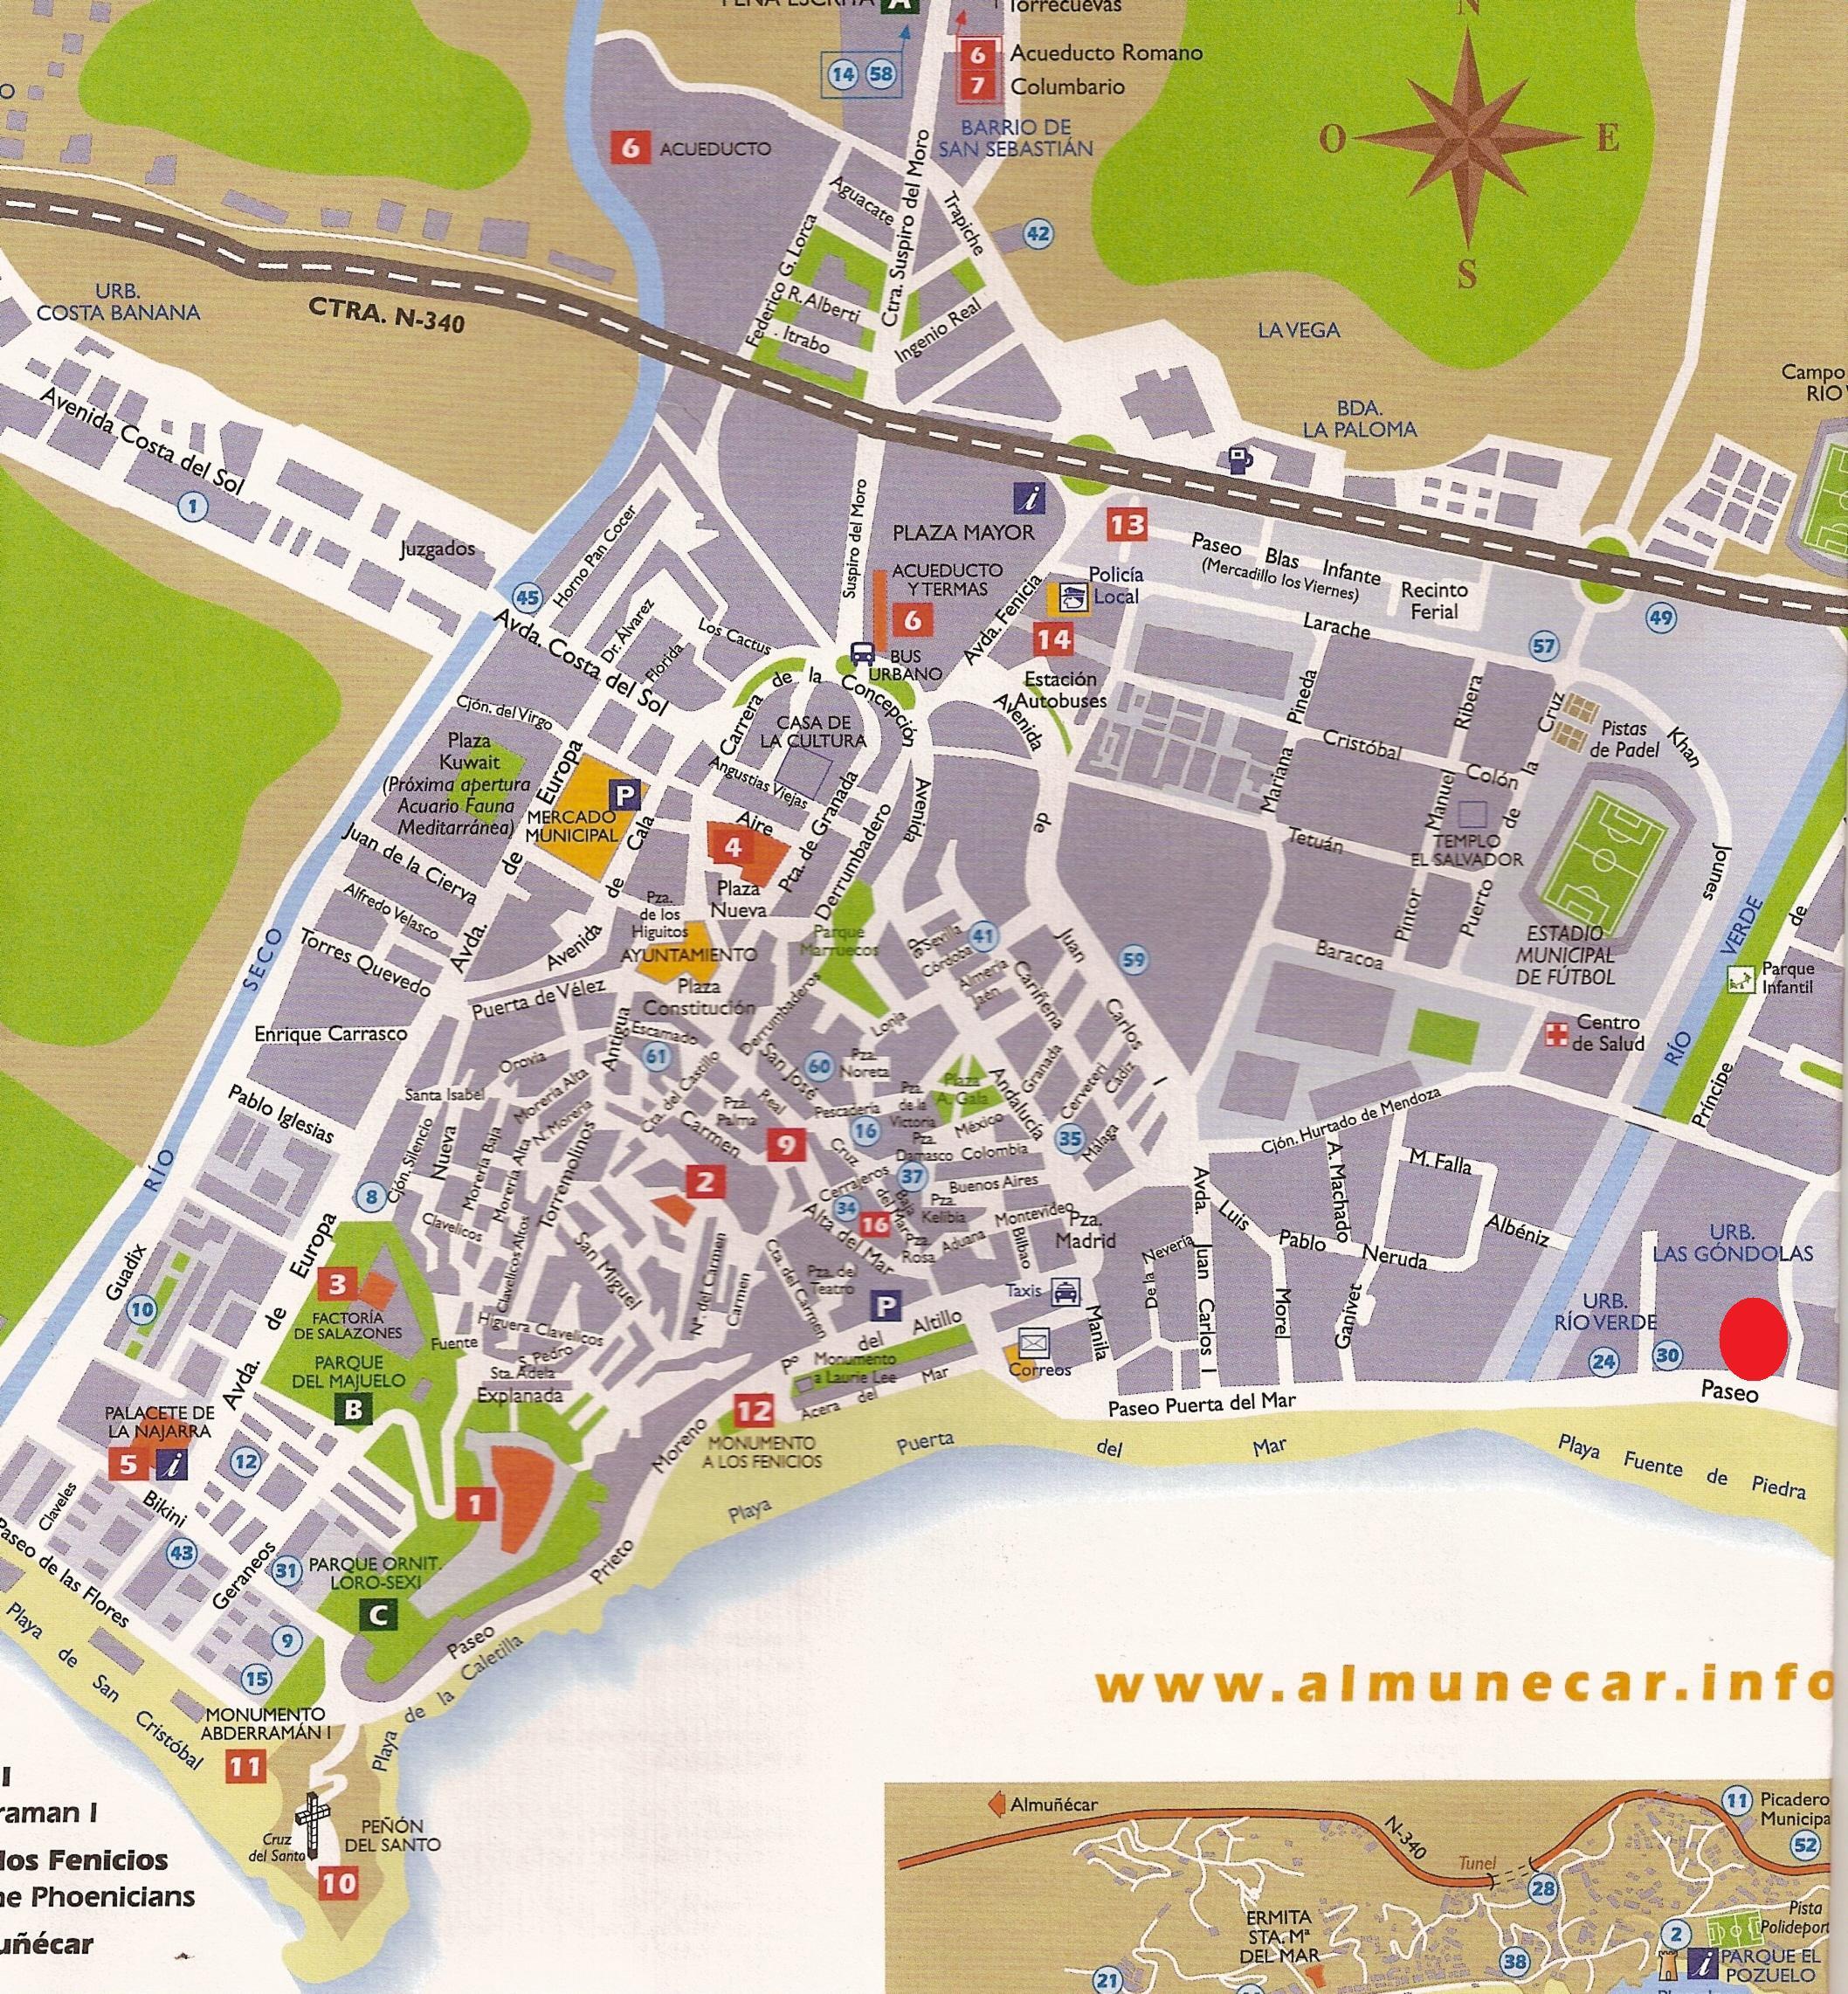 Almunecar Spain Map.Almunecar Map Almunecar Spain Mappery